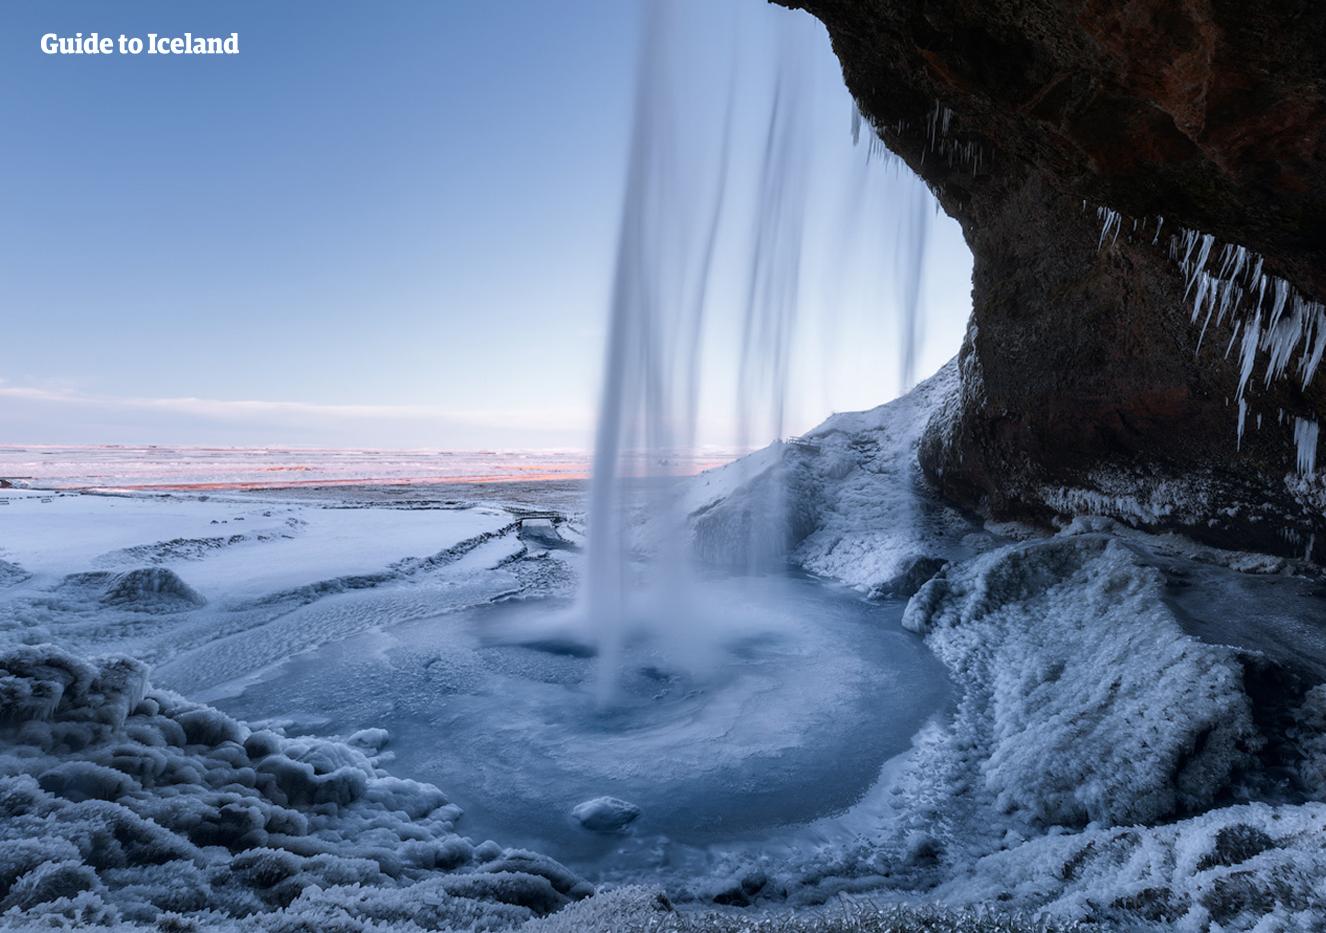 冬季的冰岛南岸塞里雅兰瀑布被冰雪覆盖,无比秀丽迷人